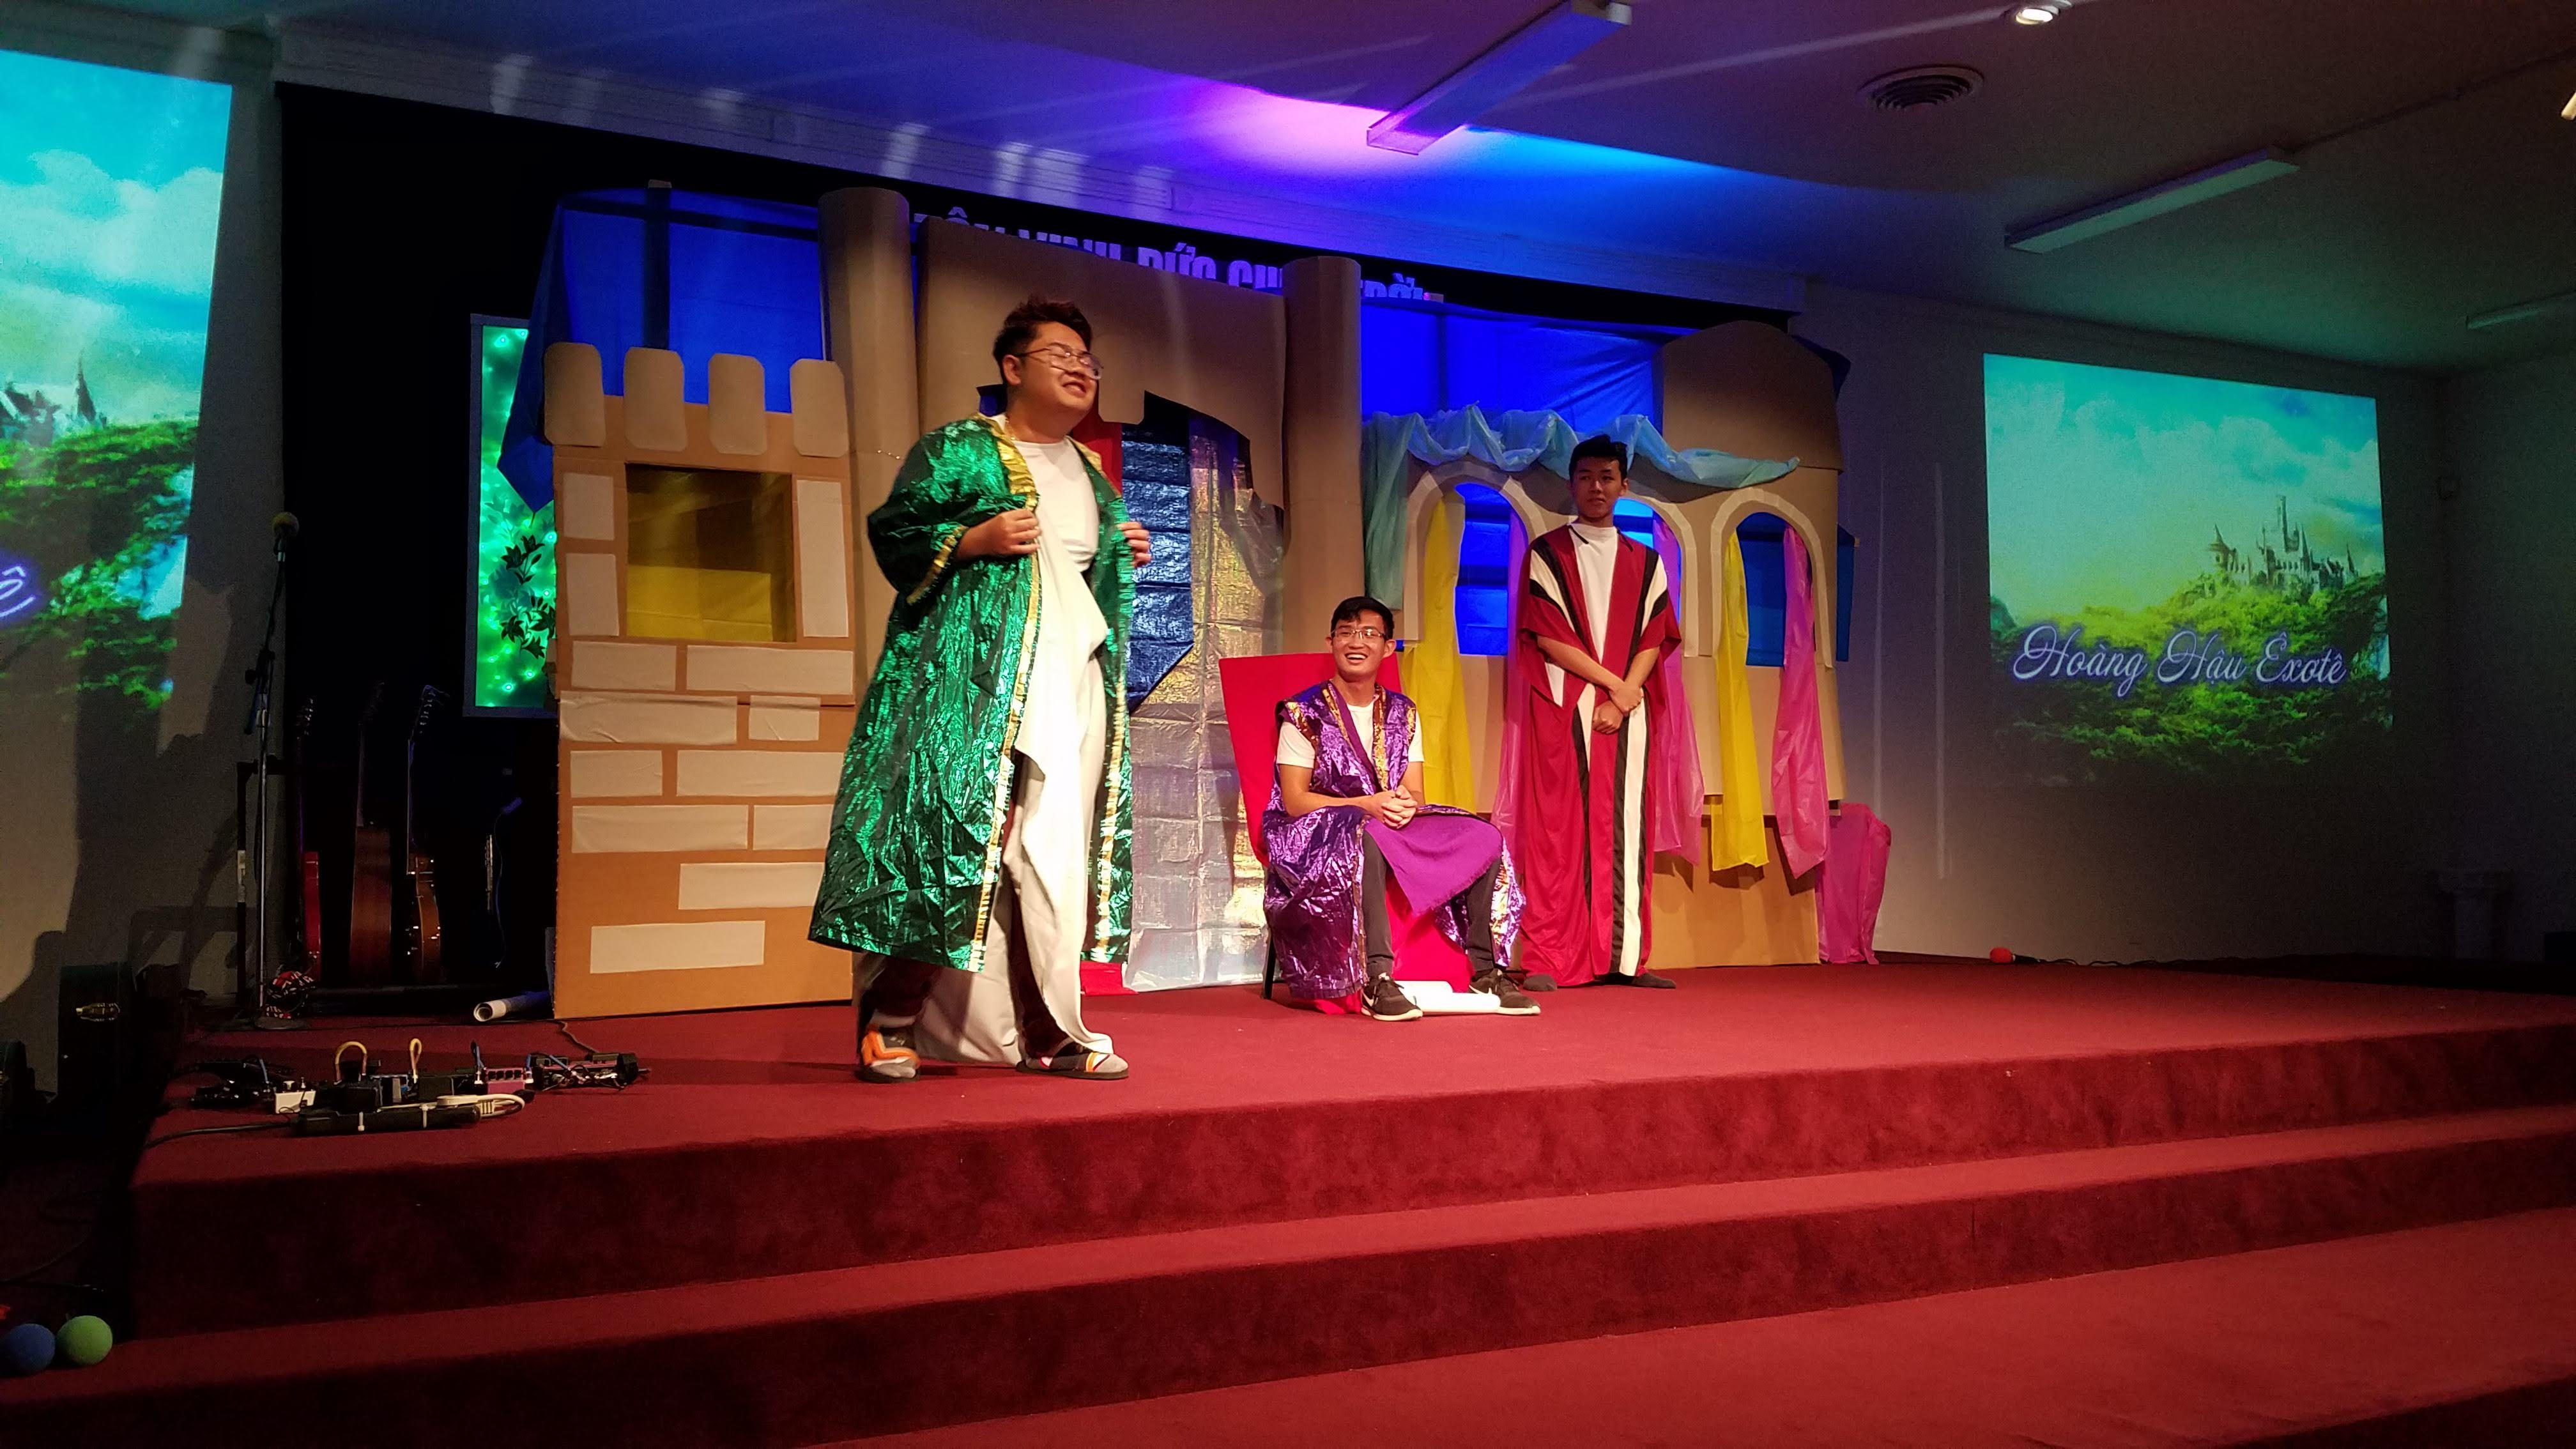 Thánh Kinh Hè 2019:  Được Dựng Nên Lạ Lùng (Wonderfully Made)